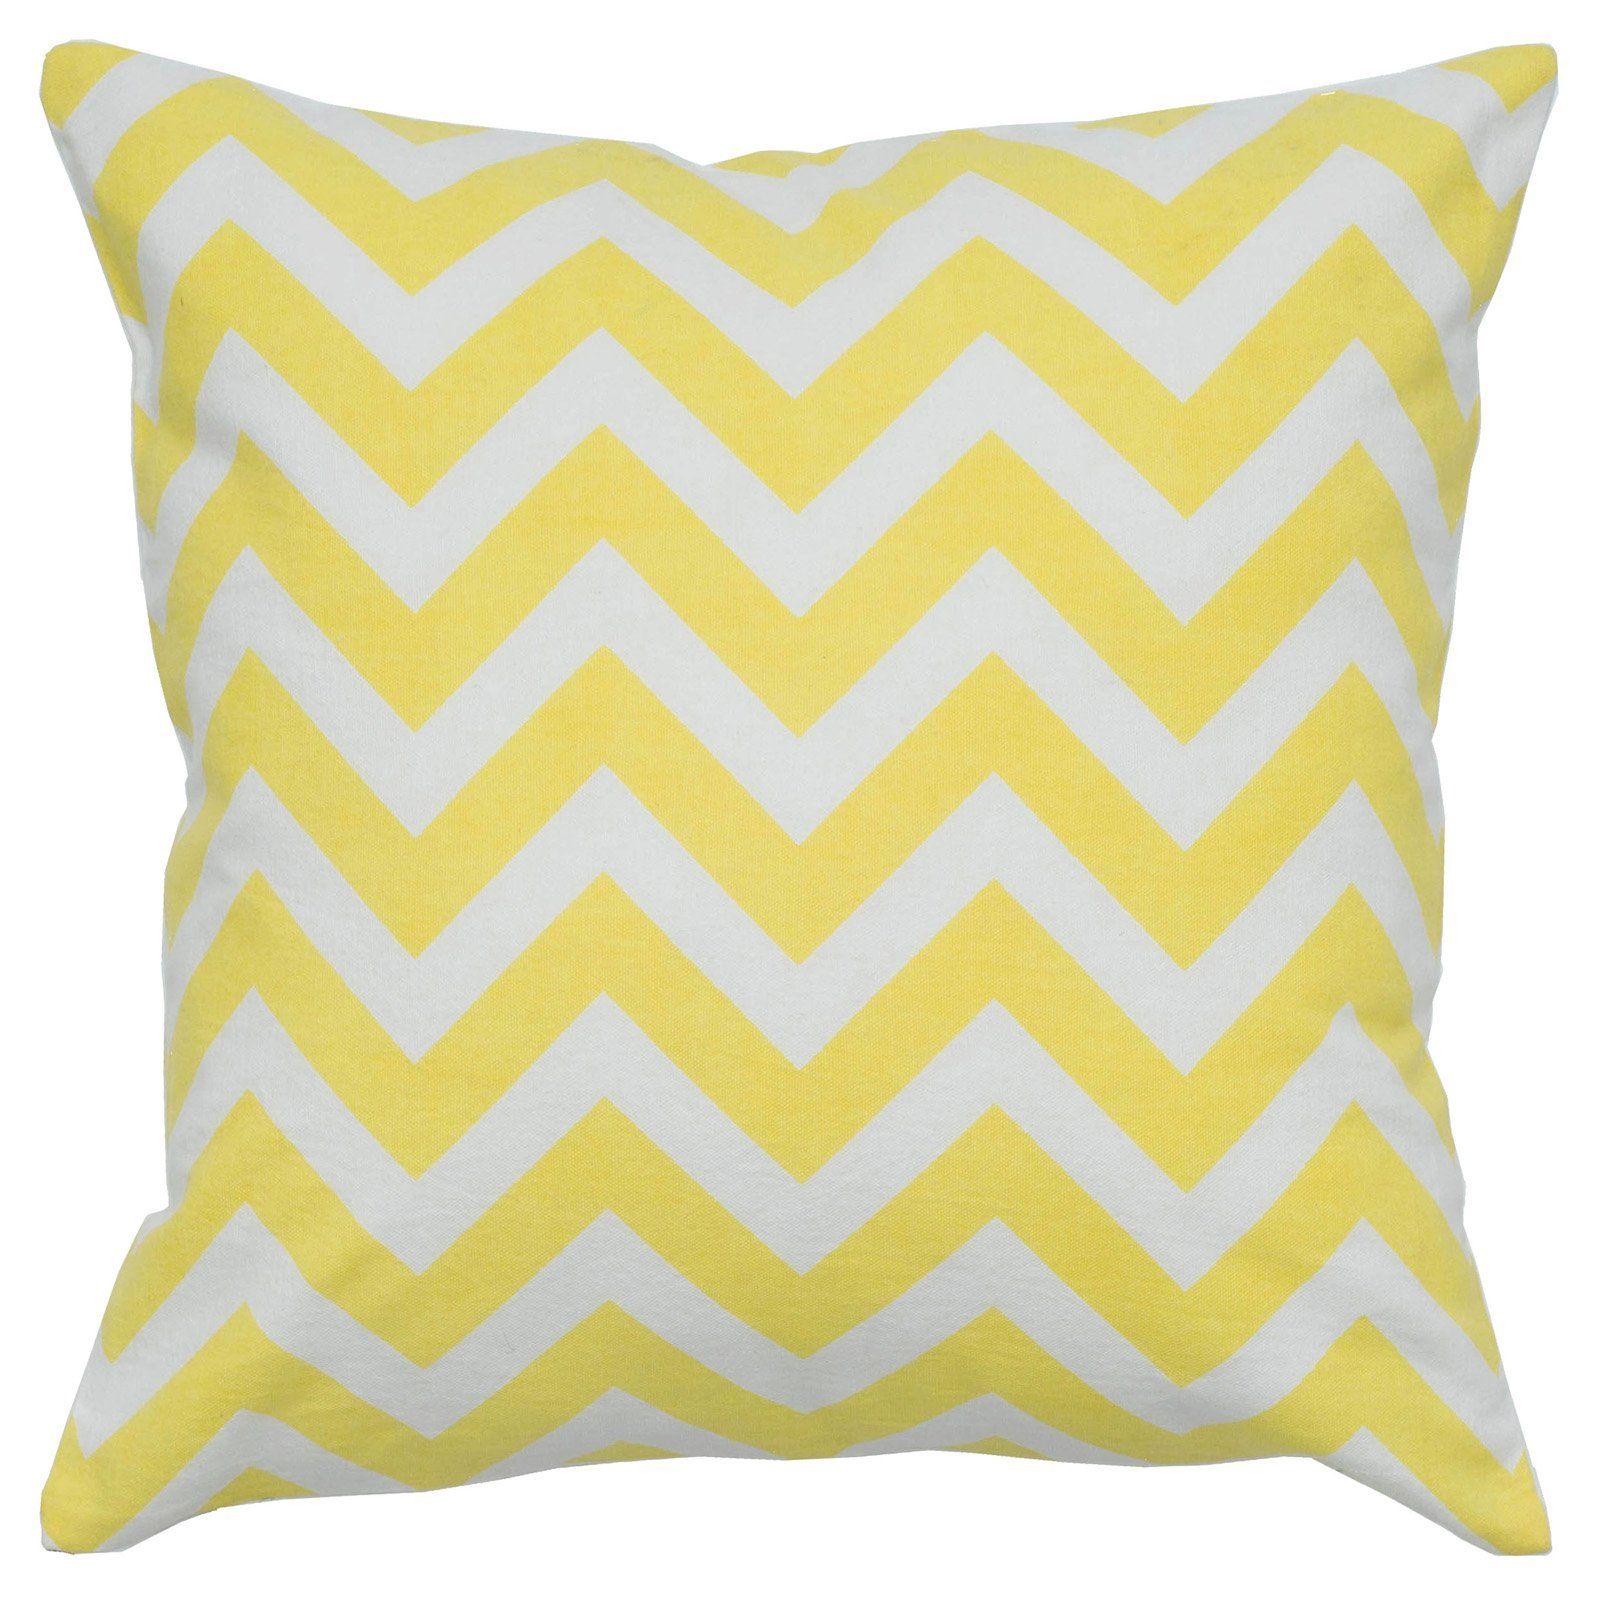 Rizzy Home 100% Cotton Chevron Decorative Throw Pillow Yellow